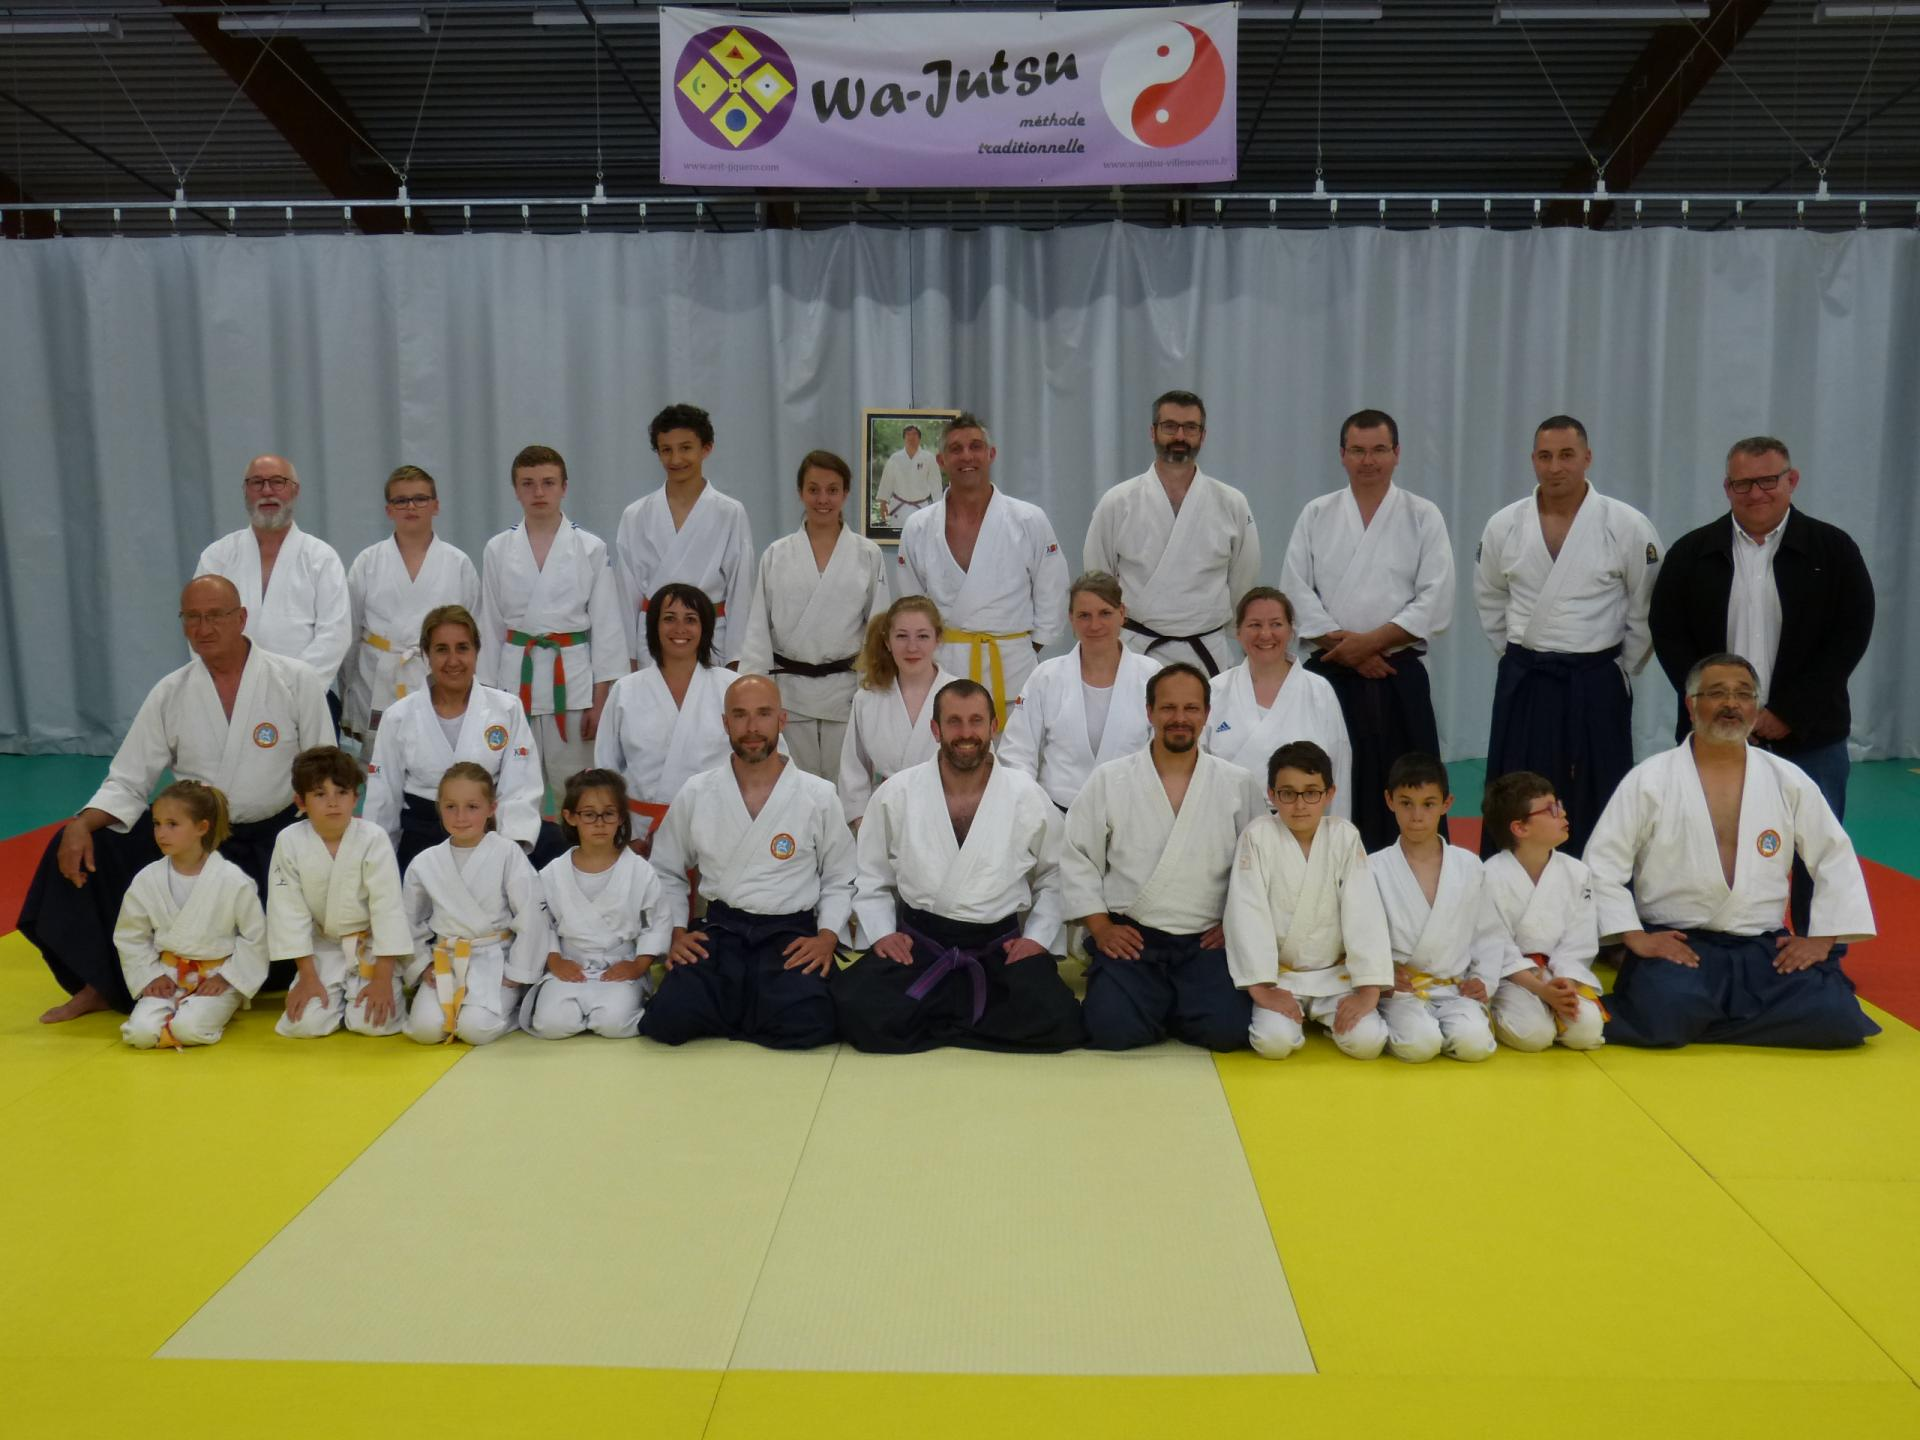 Cérémonie de remise des grades 15 juin 2019 Wa-Jutsu Villeneuvois